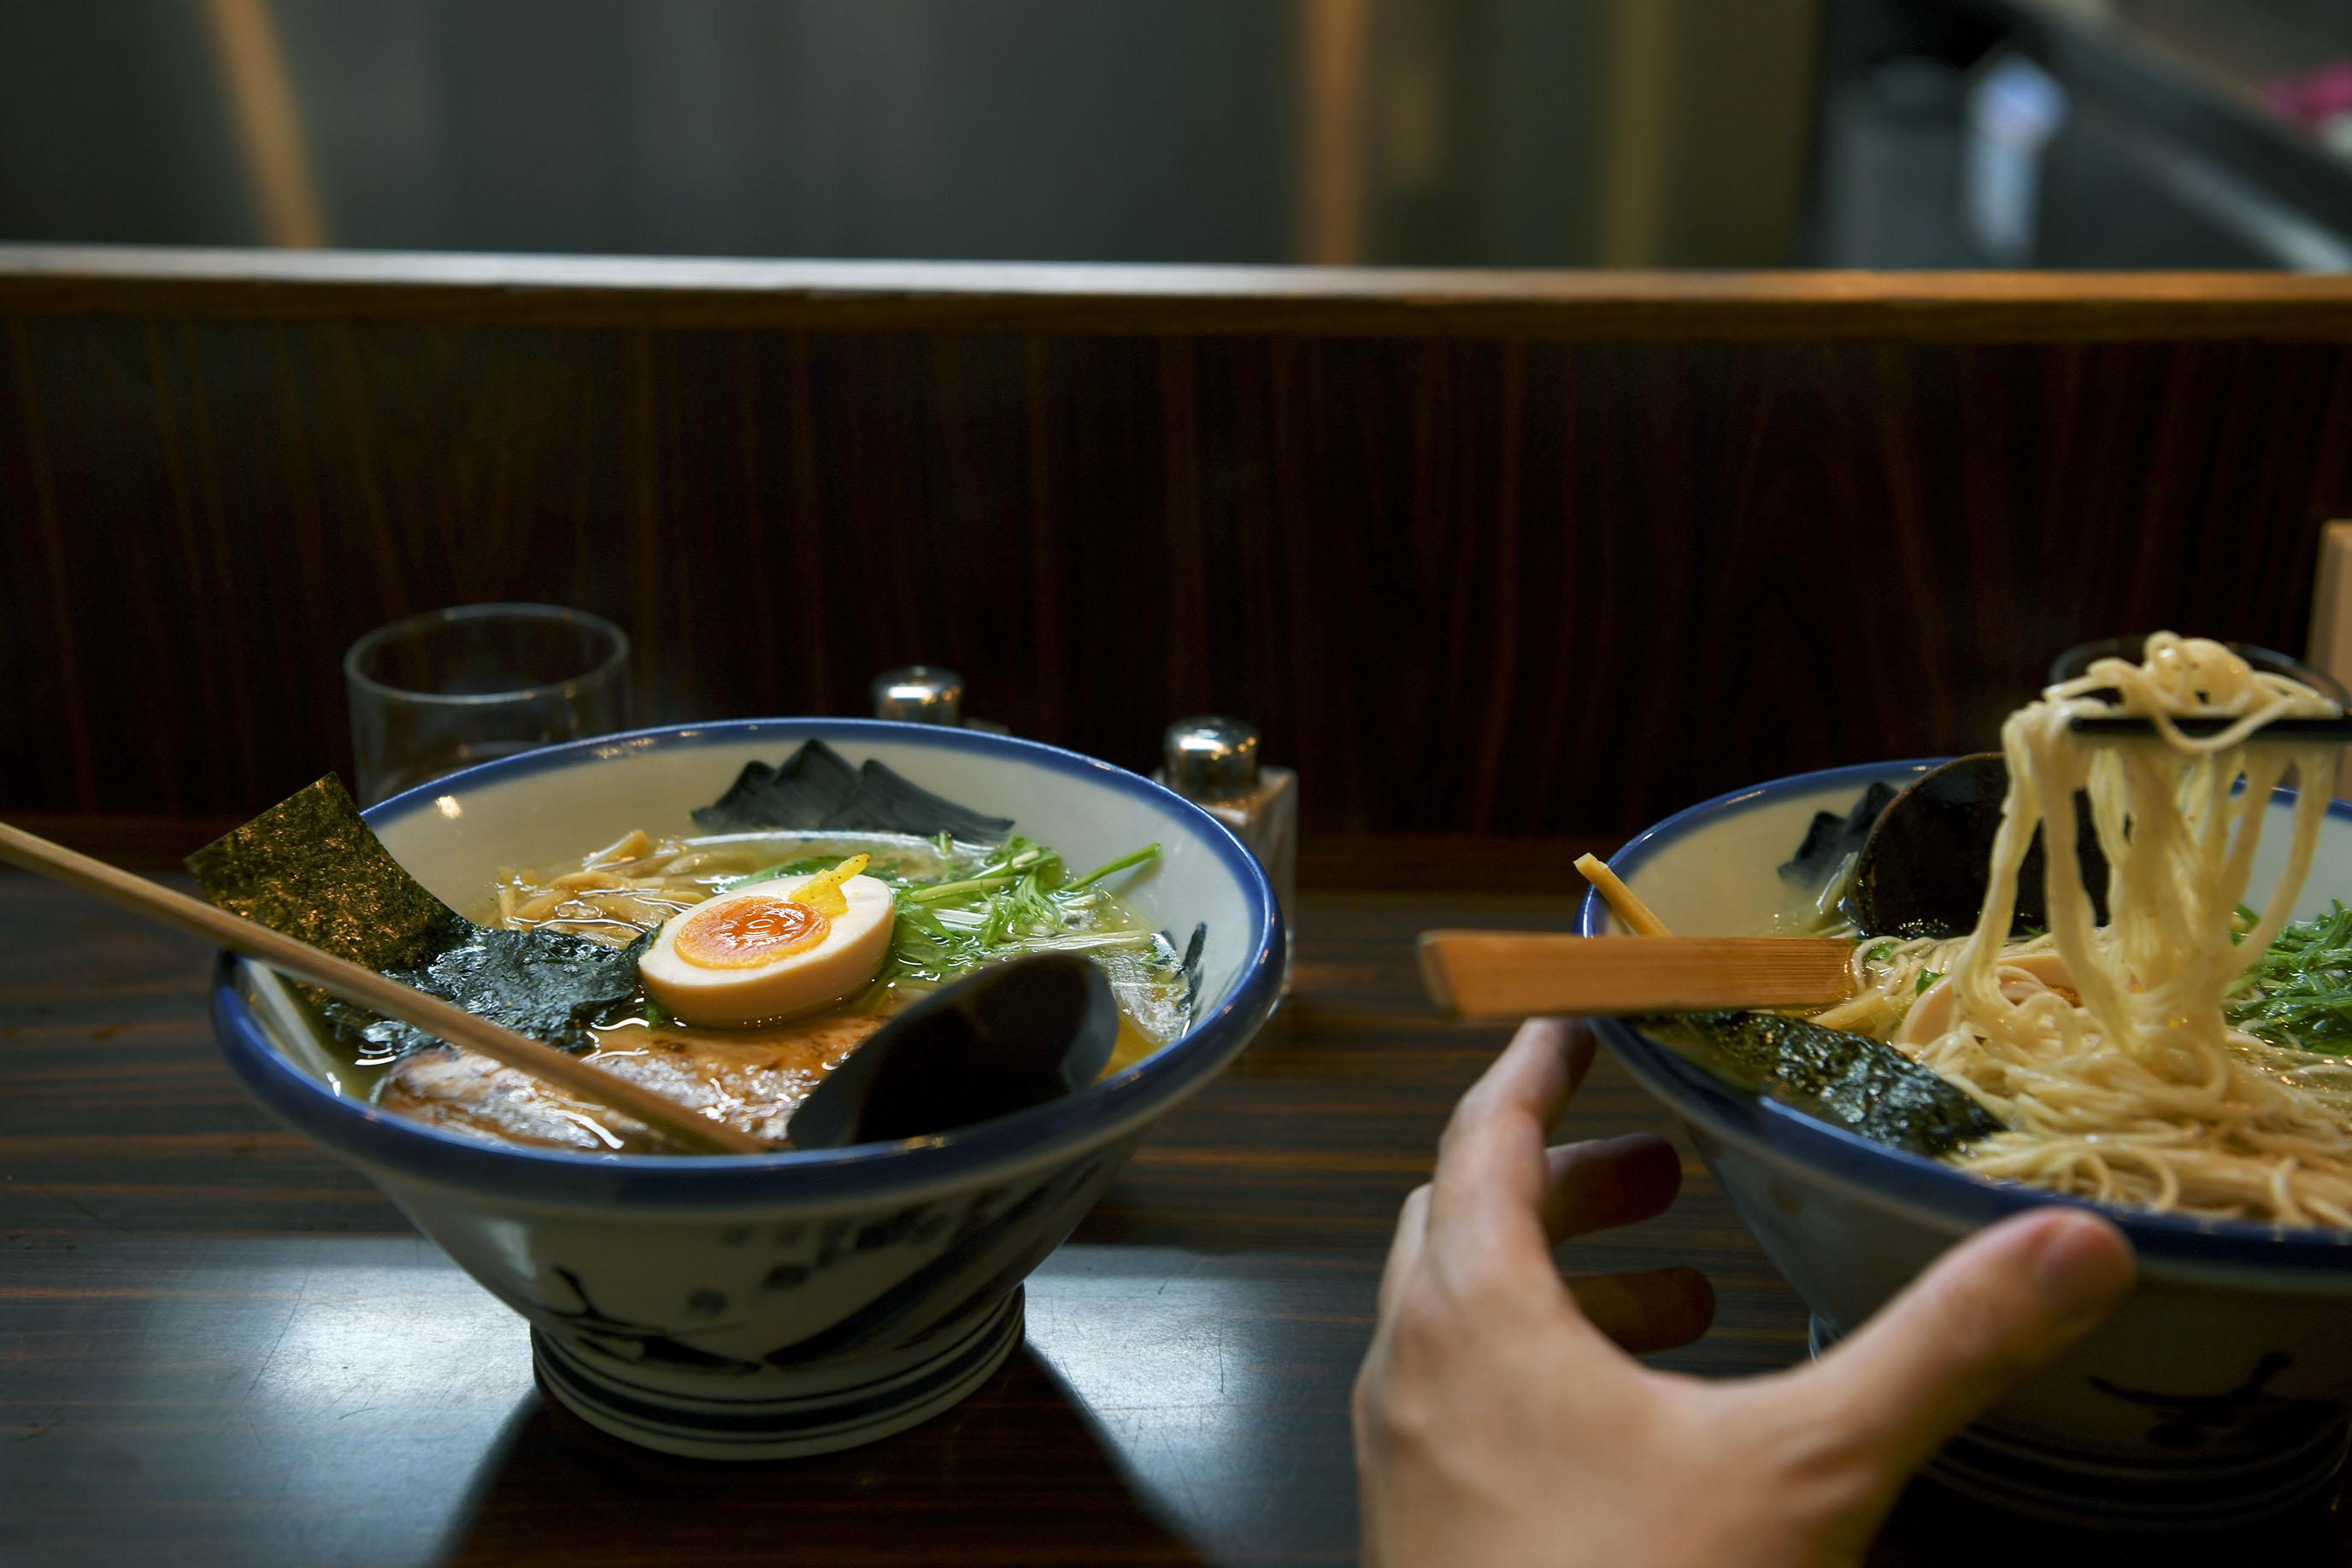 東京拉麵|超強大讀者推薦名單,不分軒輊前三名採點分享。